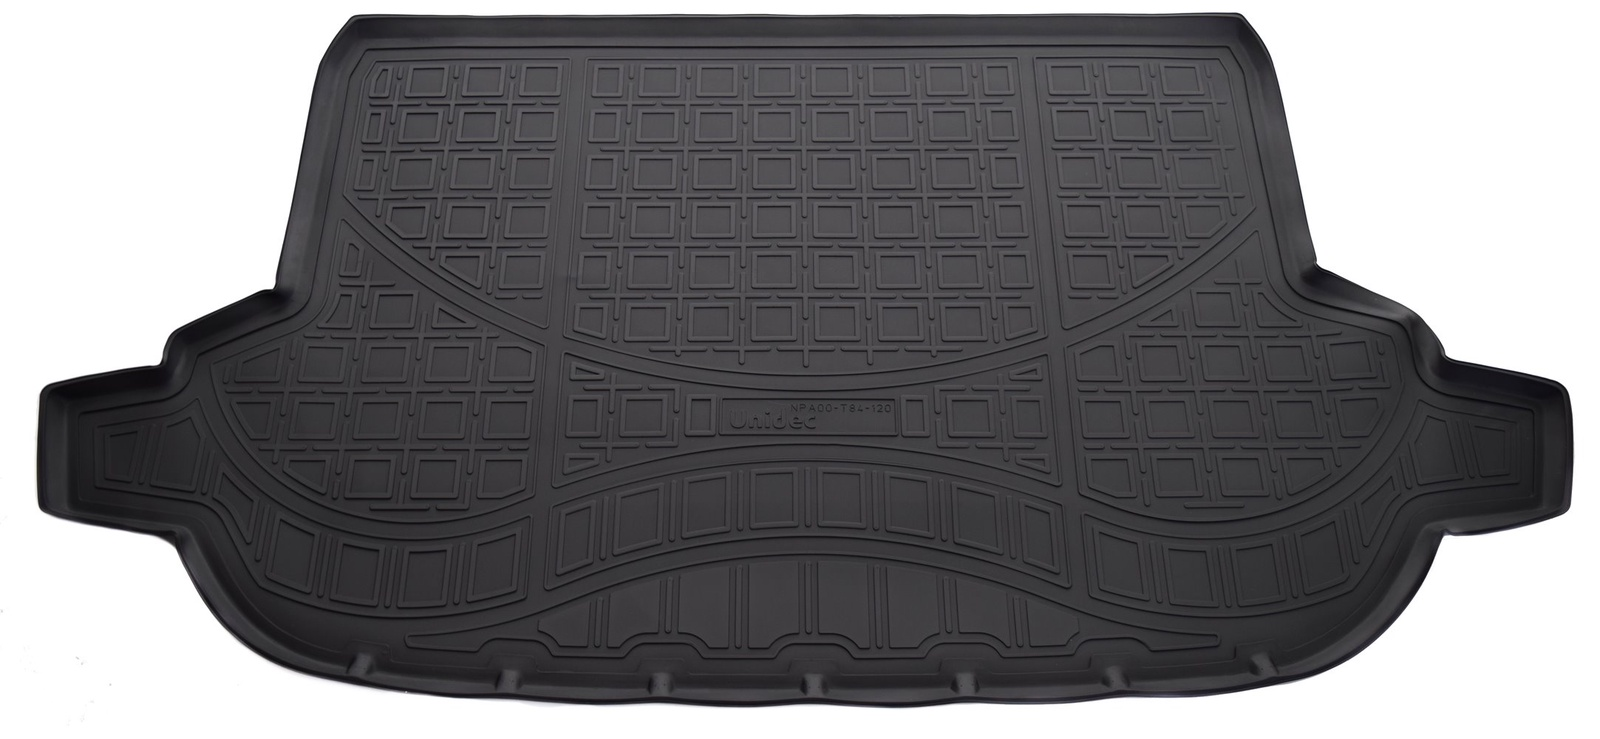 Коврик багажника для Subaru Forester (2013) коврик багажника для subaru forester 2008 2013